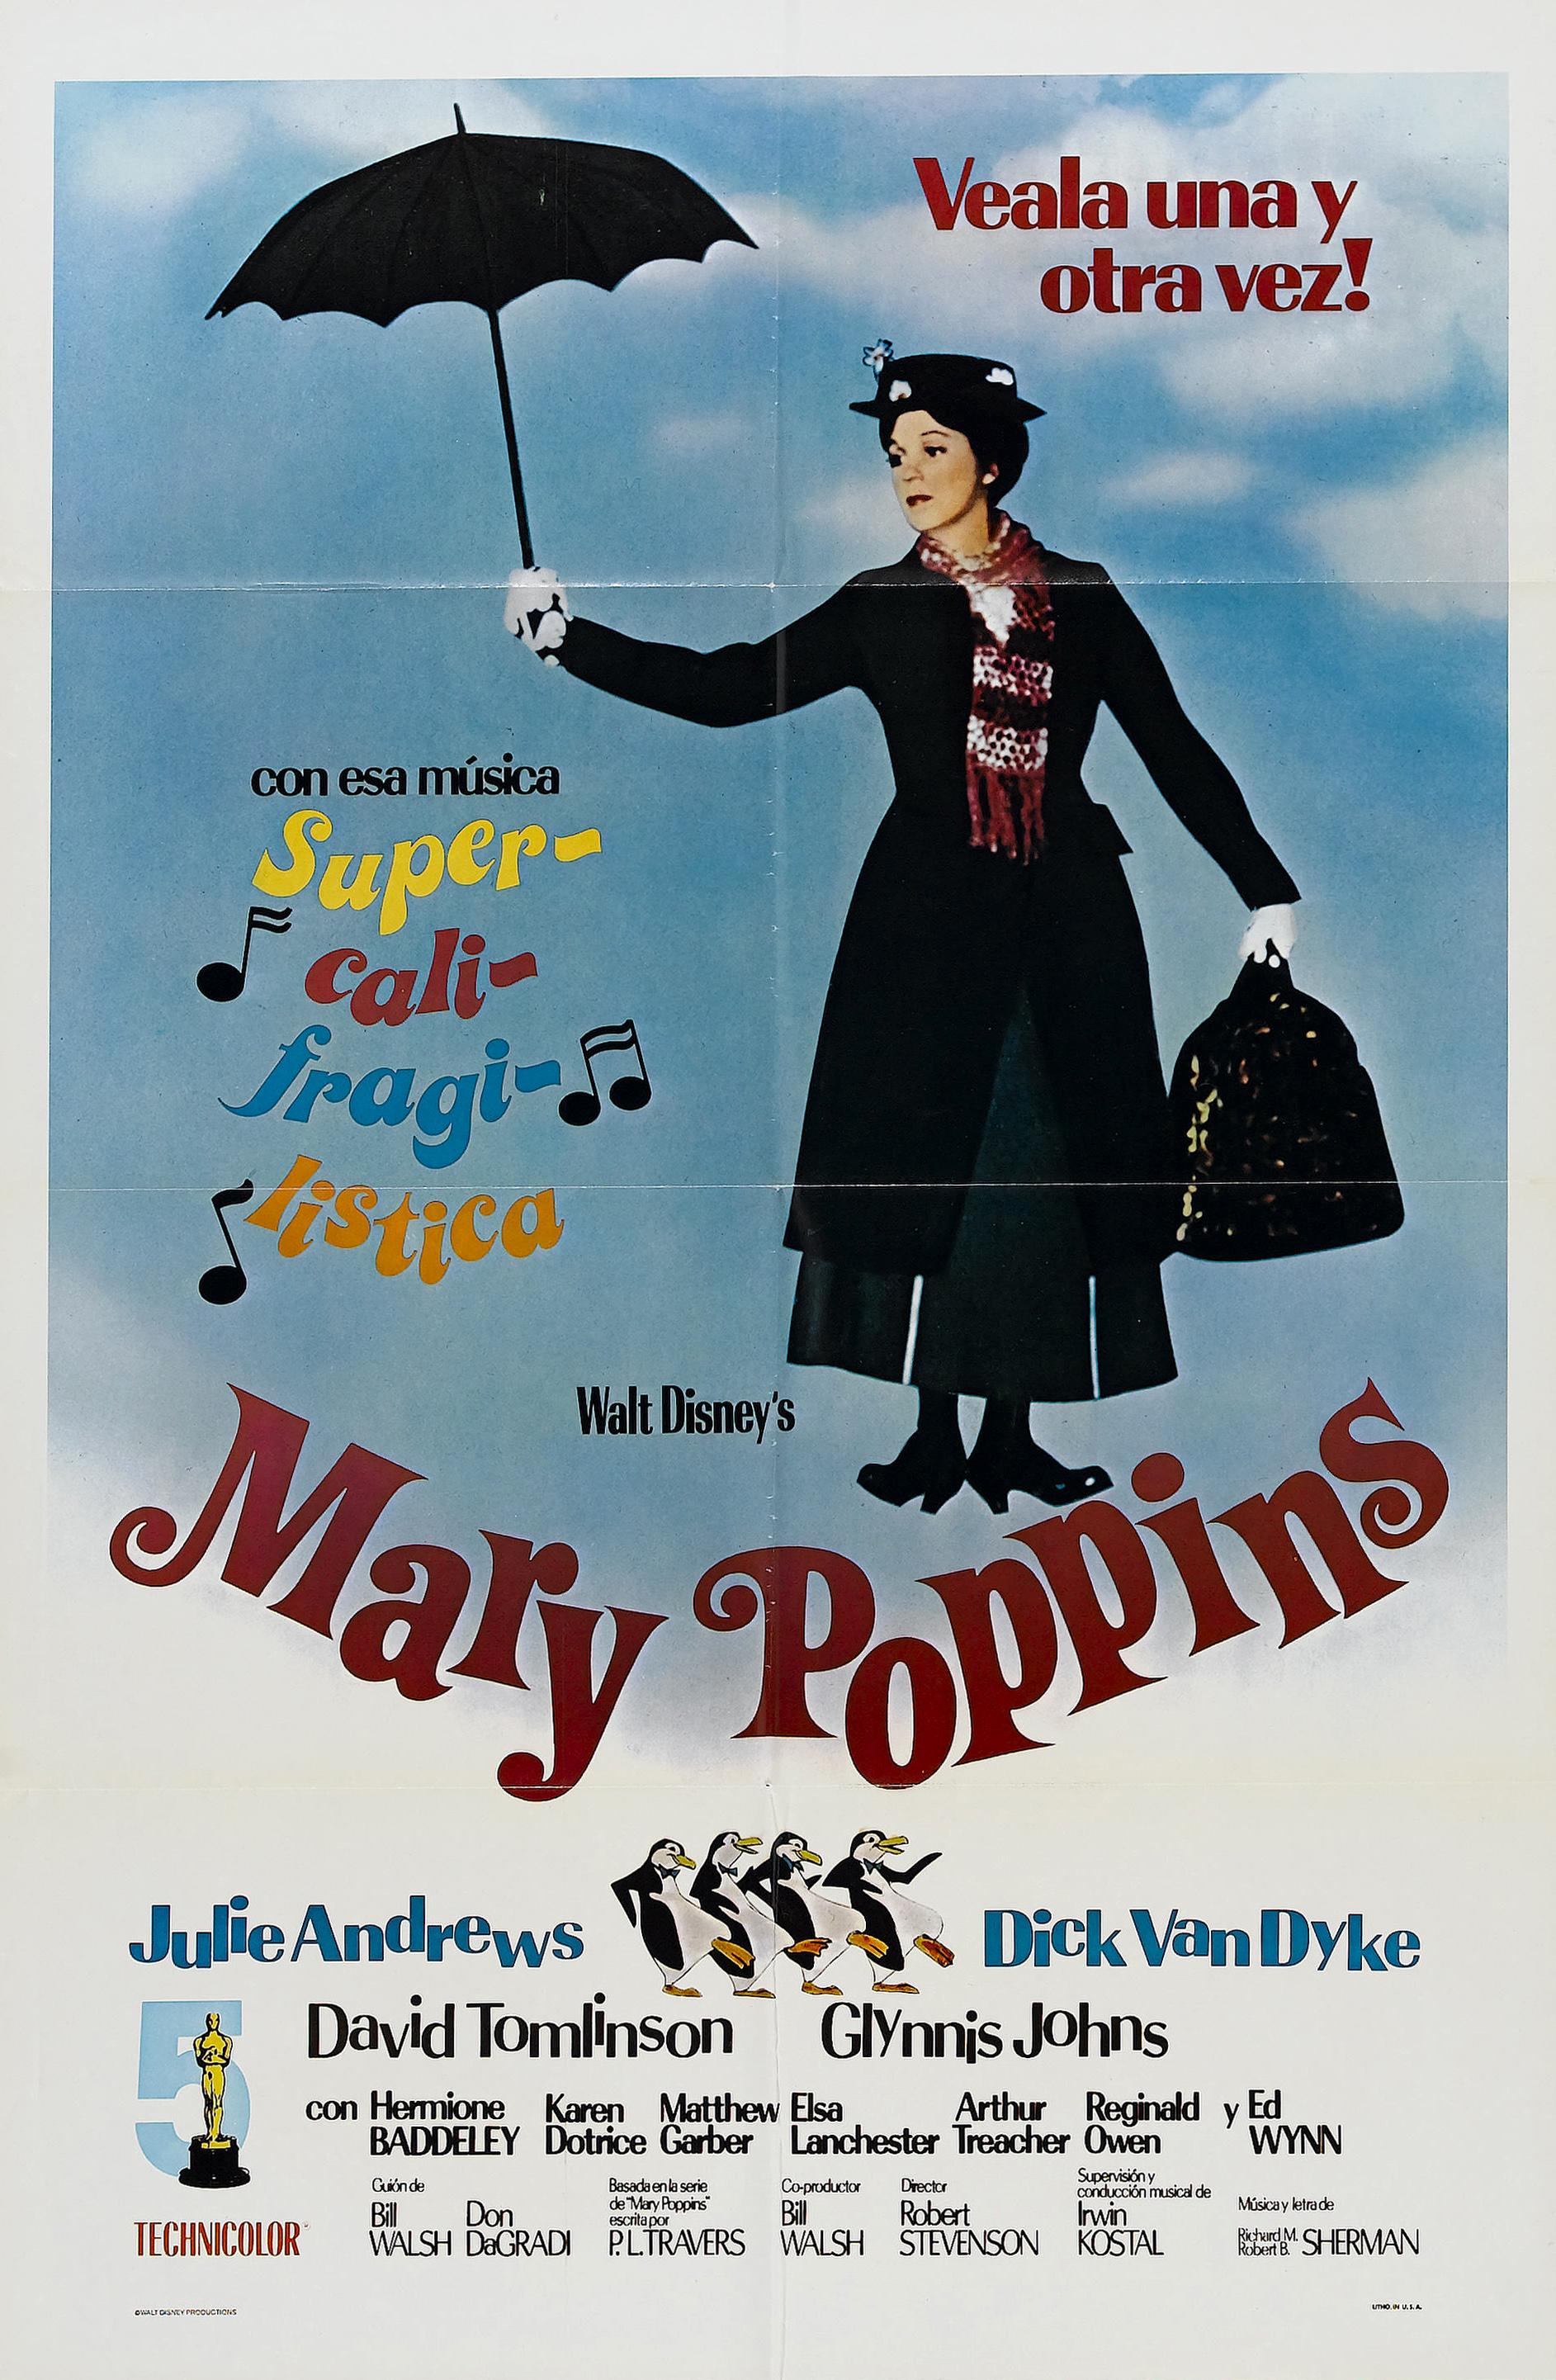 ディズニー映画のメリー・ポピンズという映画